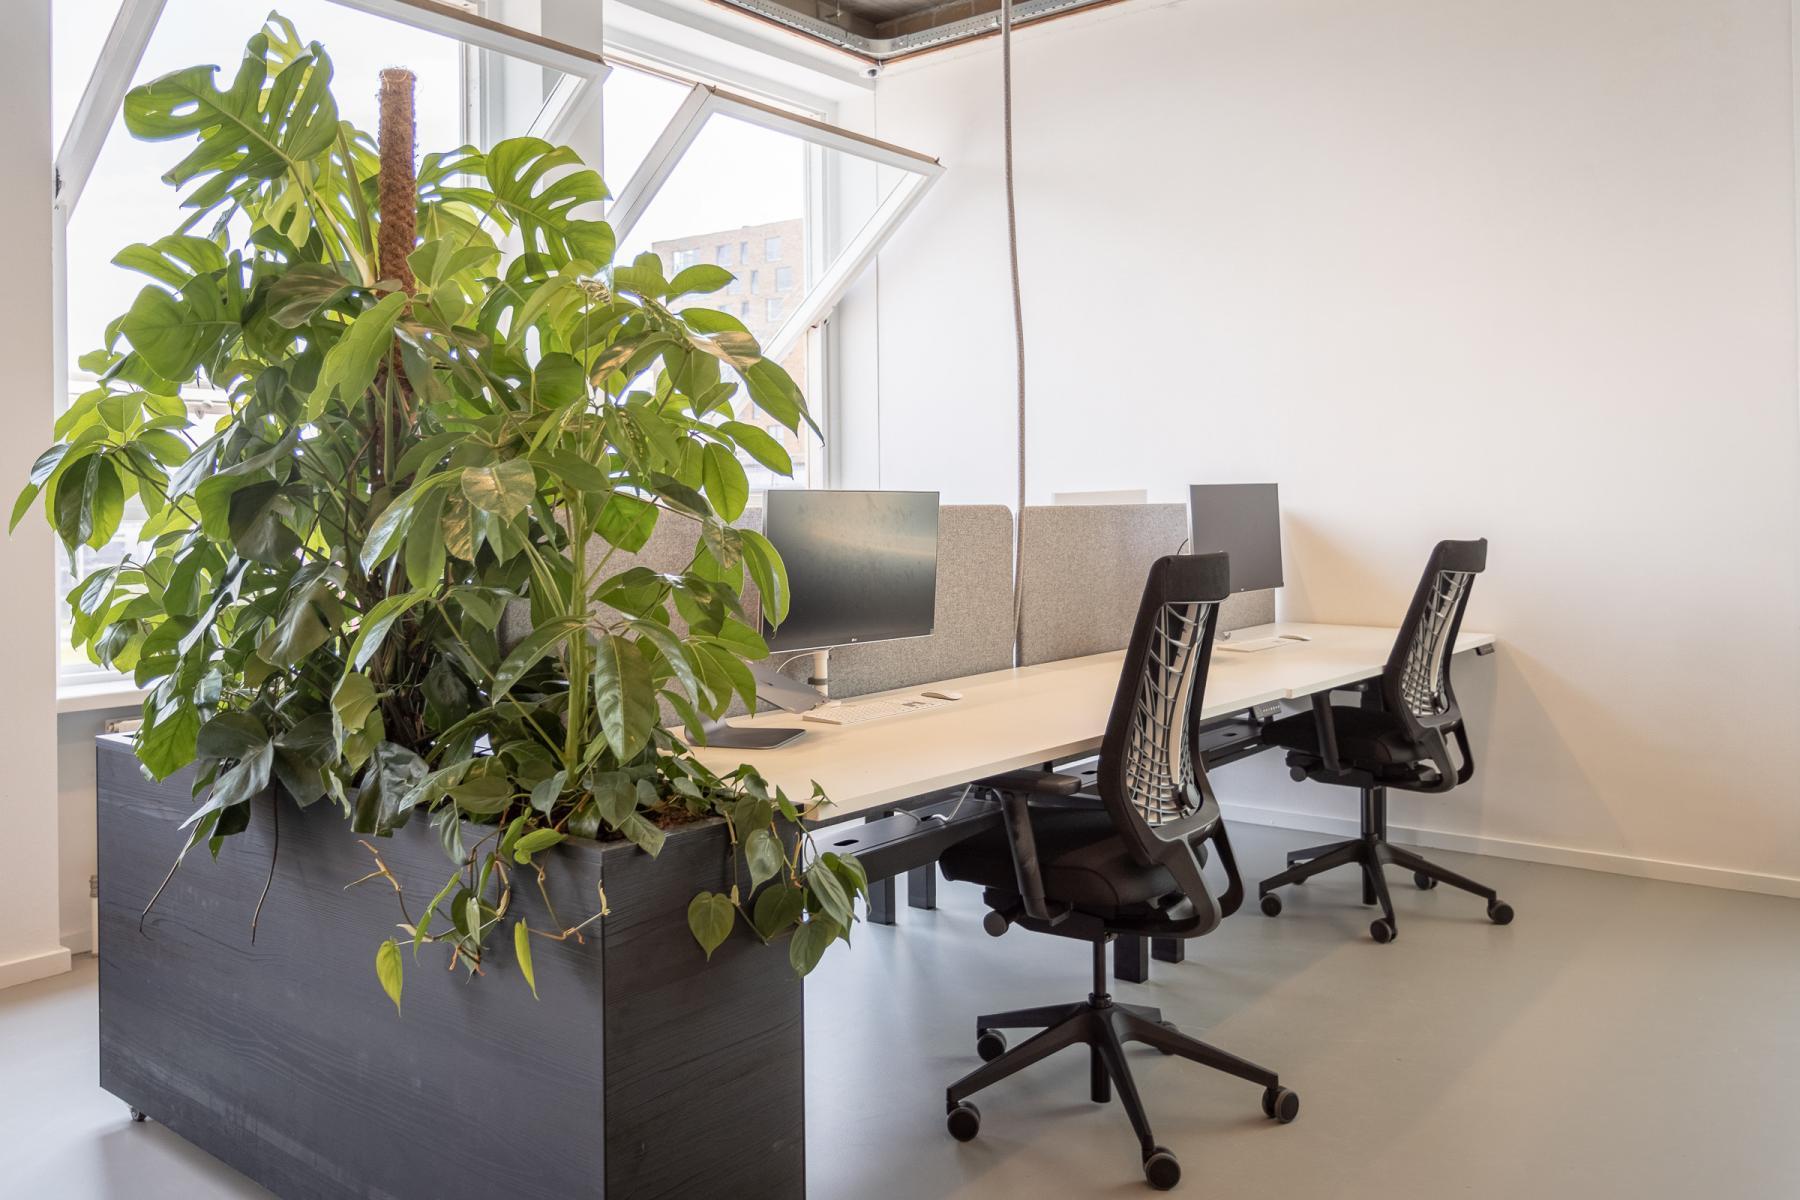 Officeplanner kit Brouwerijstraat 1 46